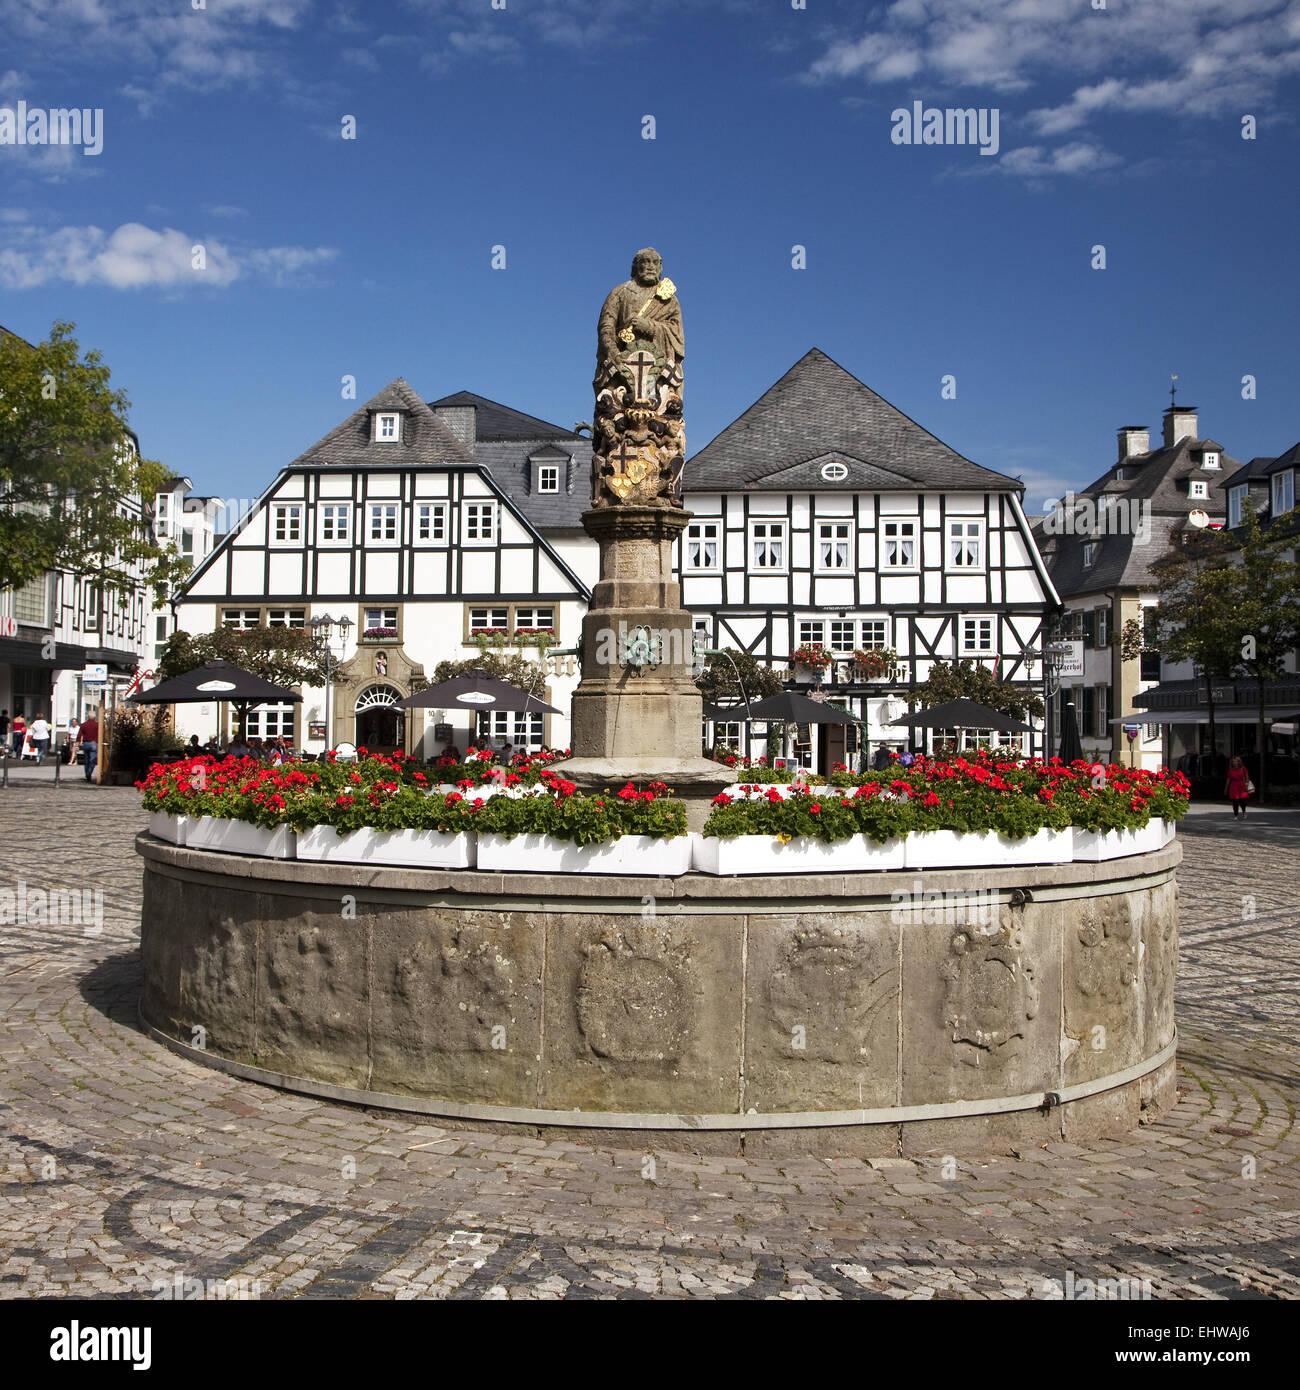 Cityscape of Brilon in the Sauerland region. - Stock Image